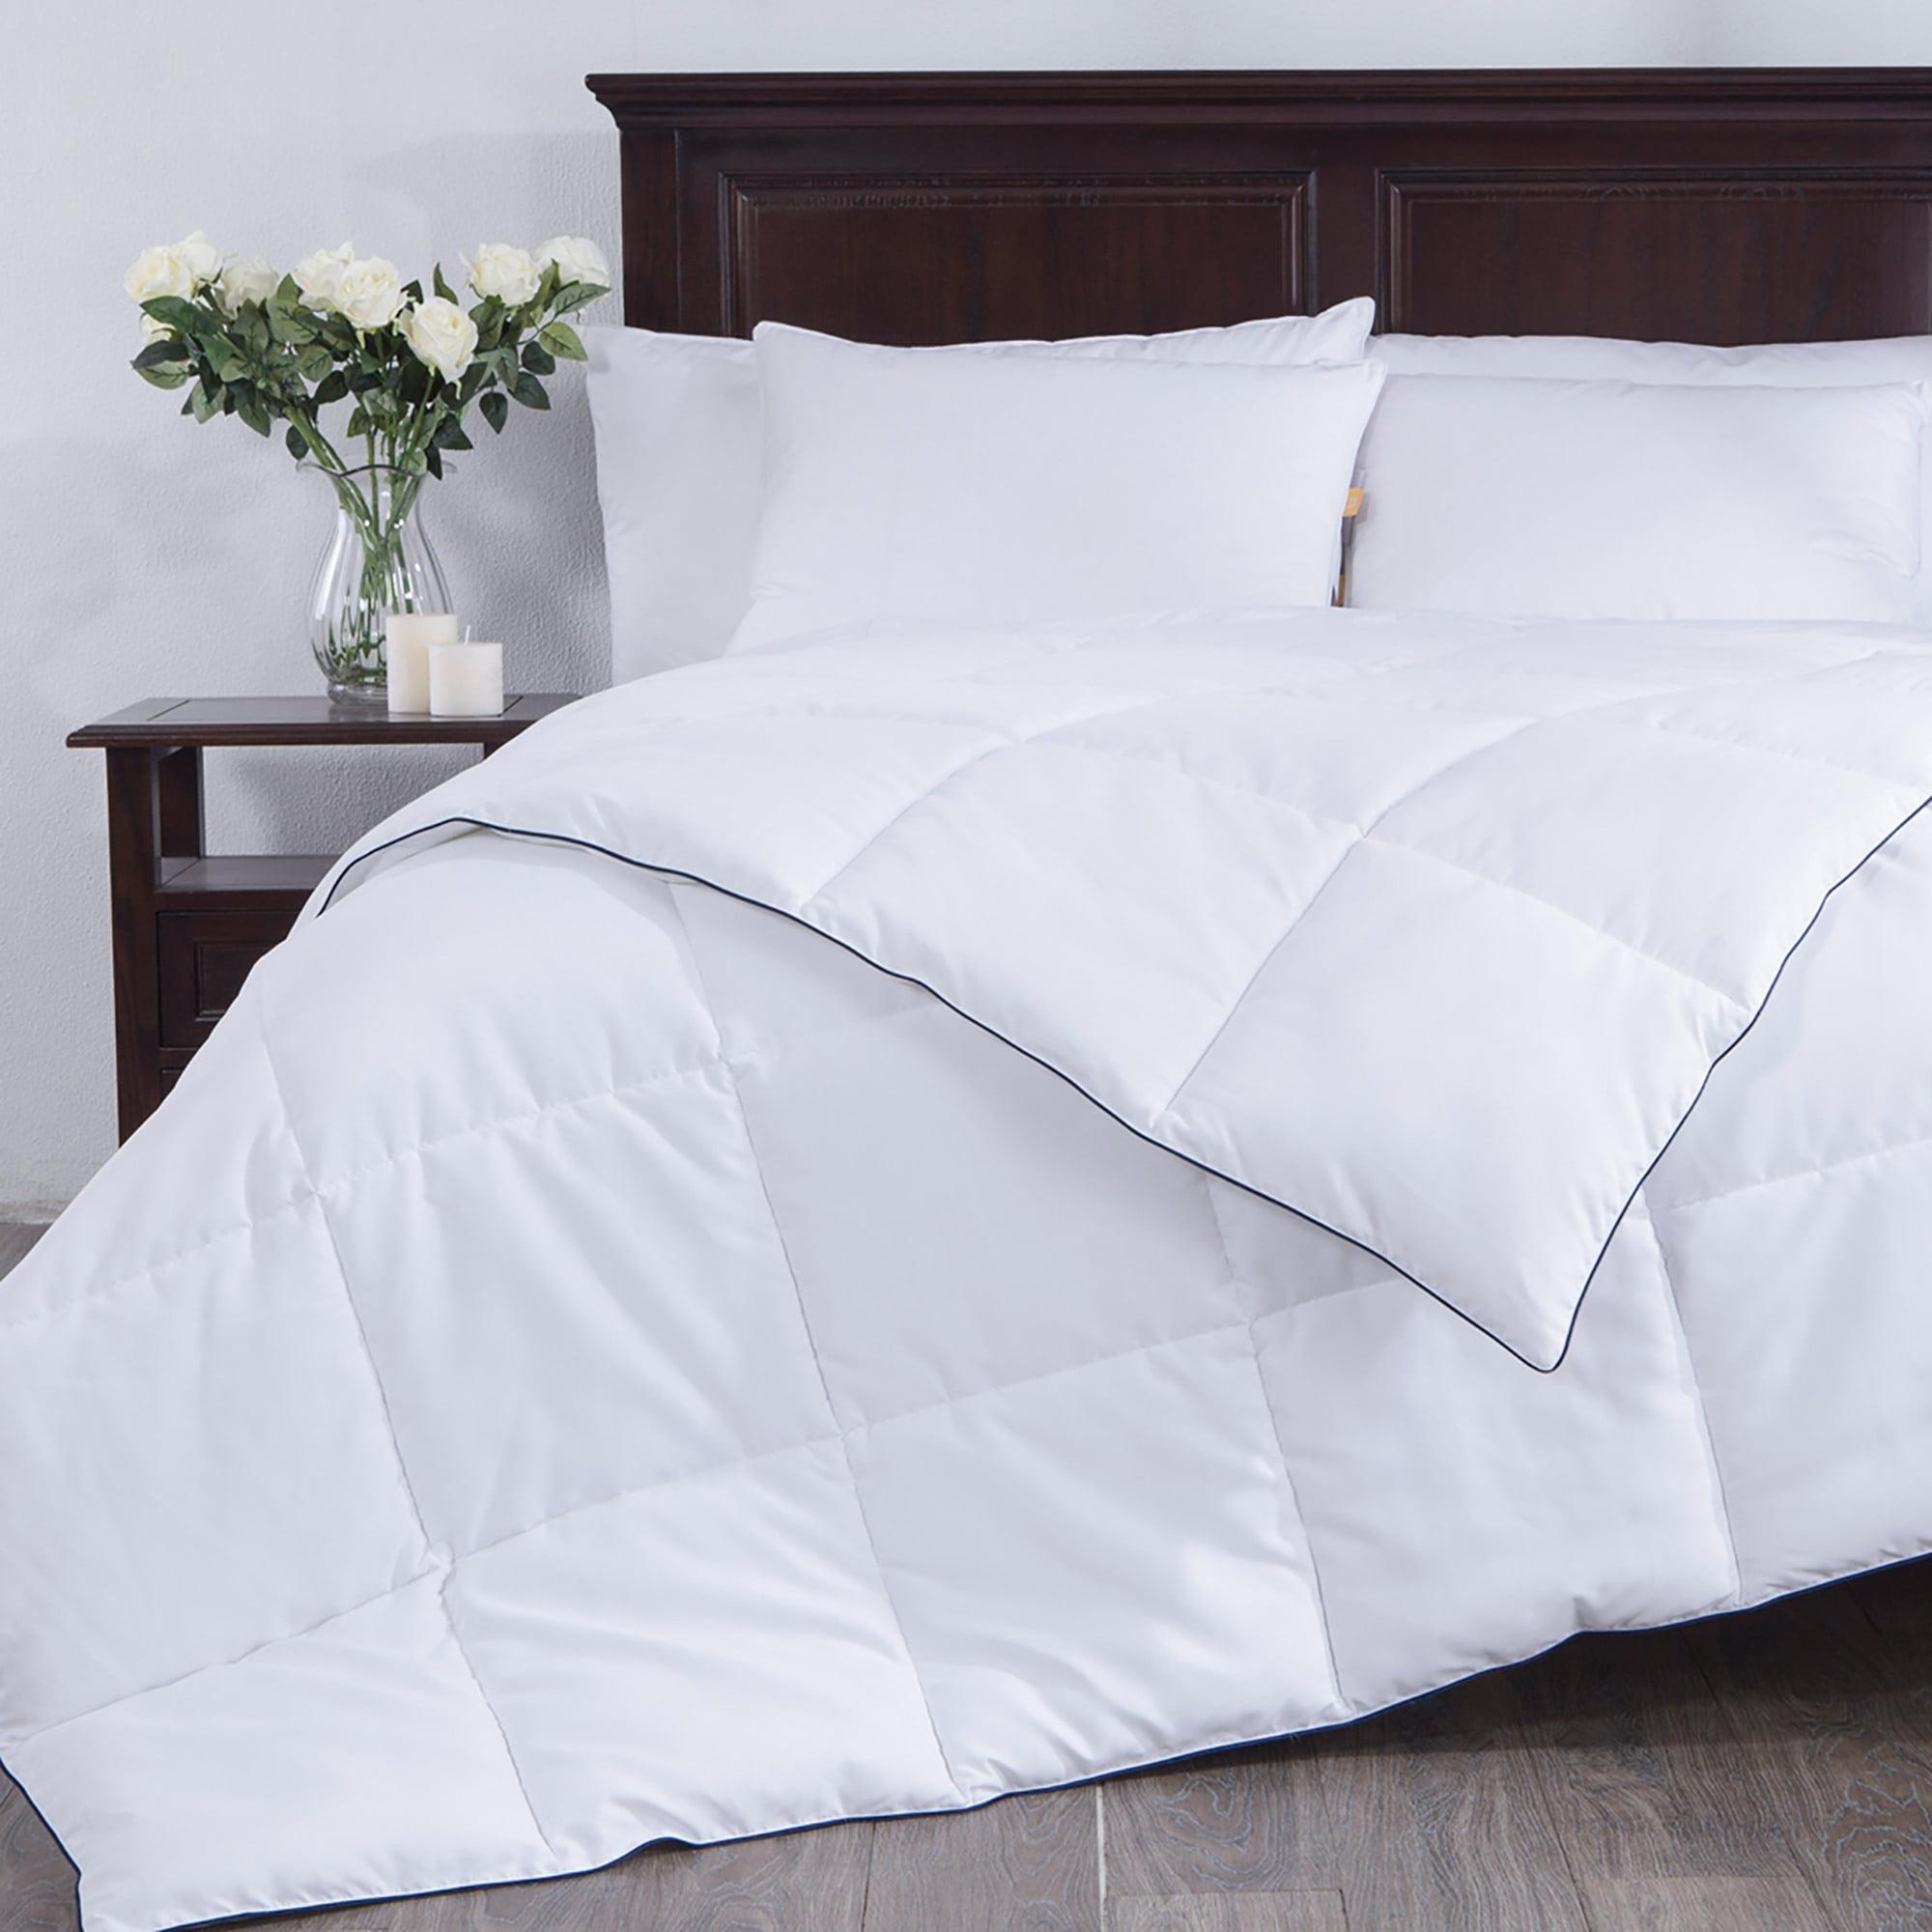 Puredown White Down Alternative Comforter, Duvet Insert ...